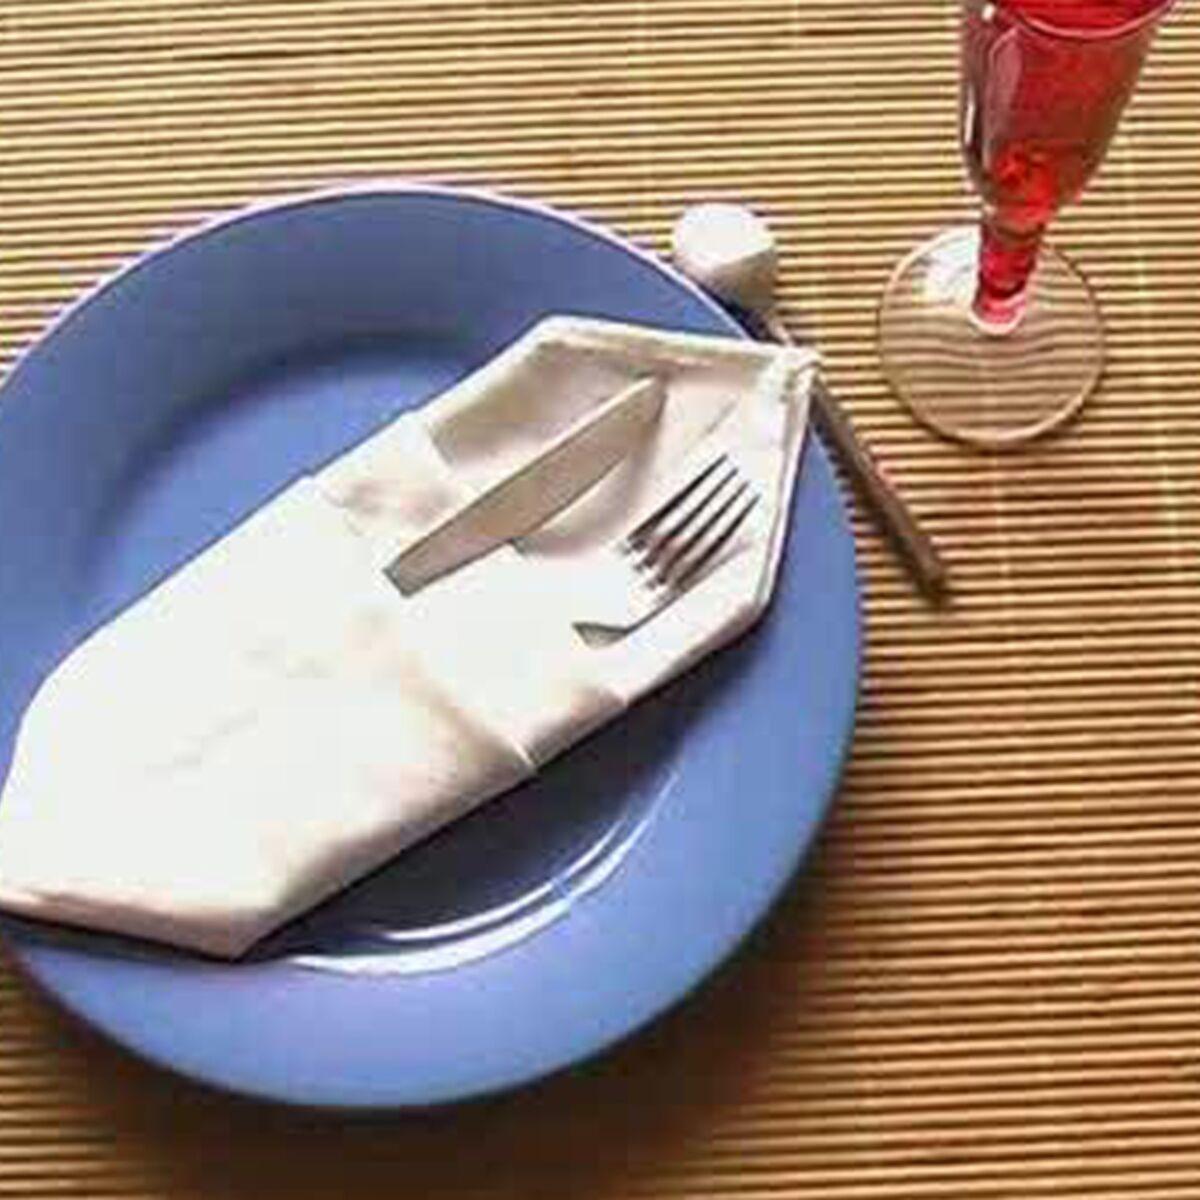 Pliage Serviette Facile Range Couverts pliage de serviette pour couverts : femme actuelle le mag